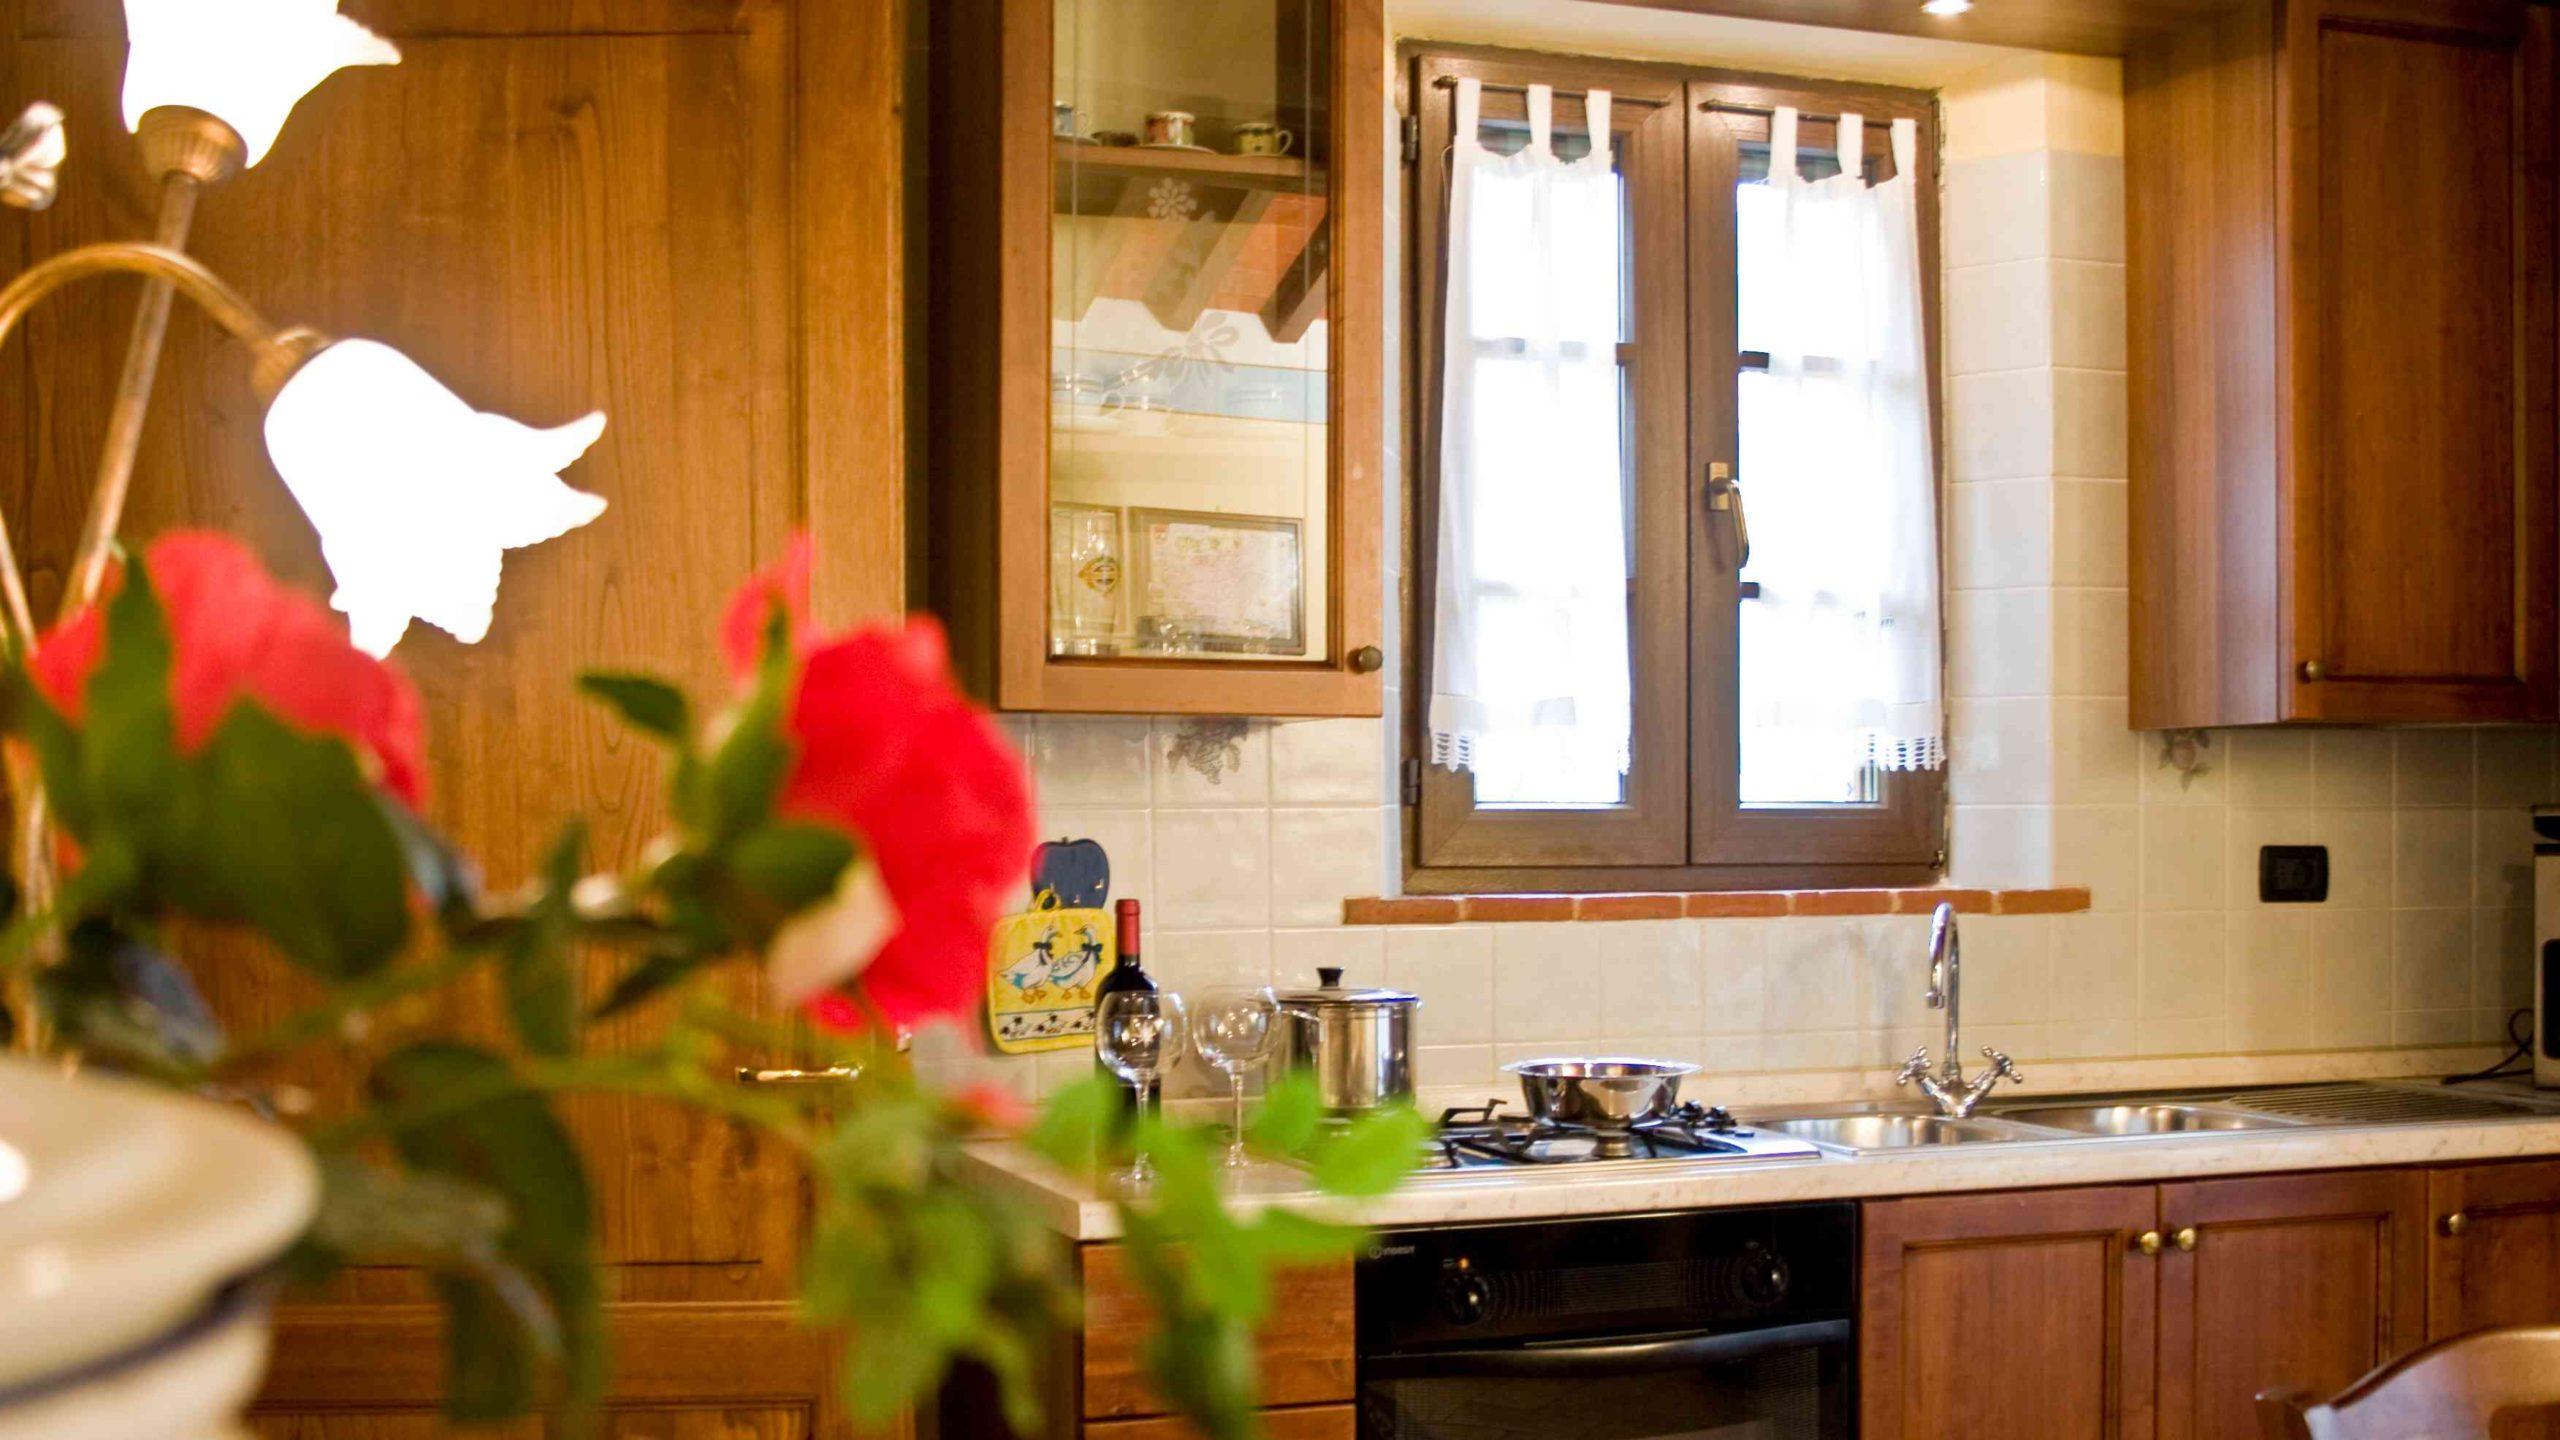 Libeccio keuken